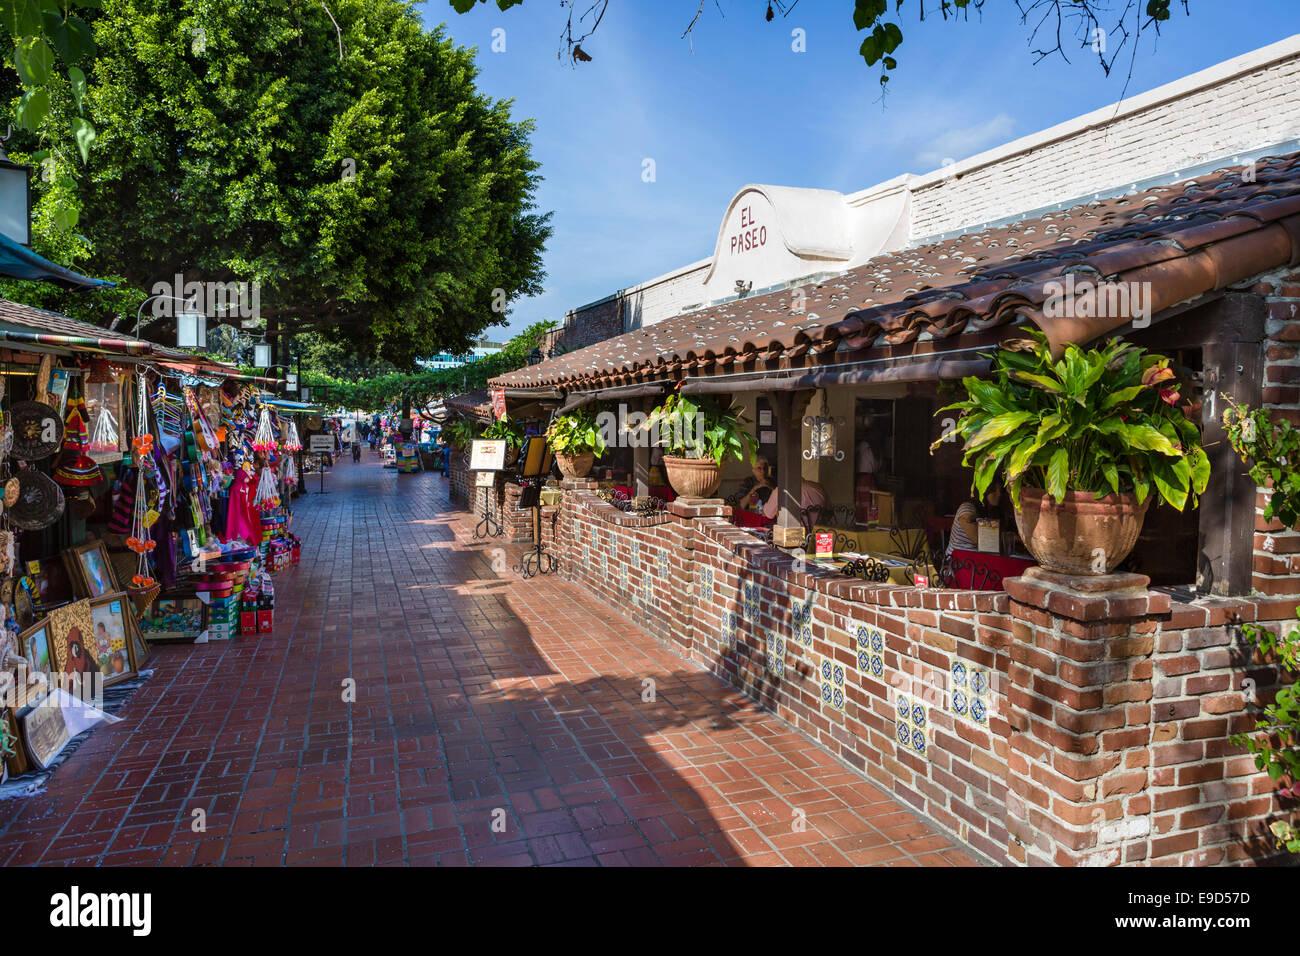 cabine di mercato e el paseo ristorante a olvera street a